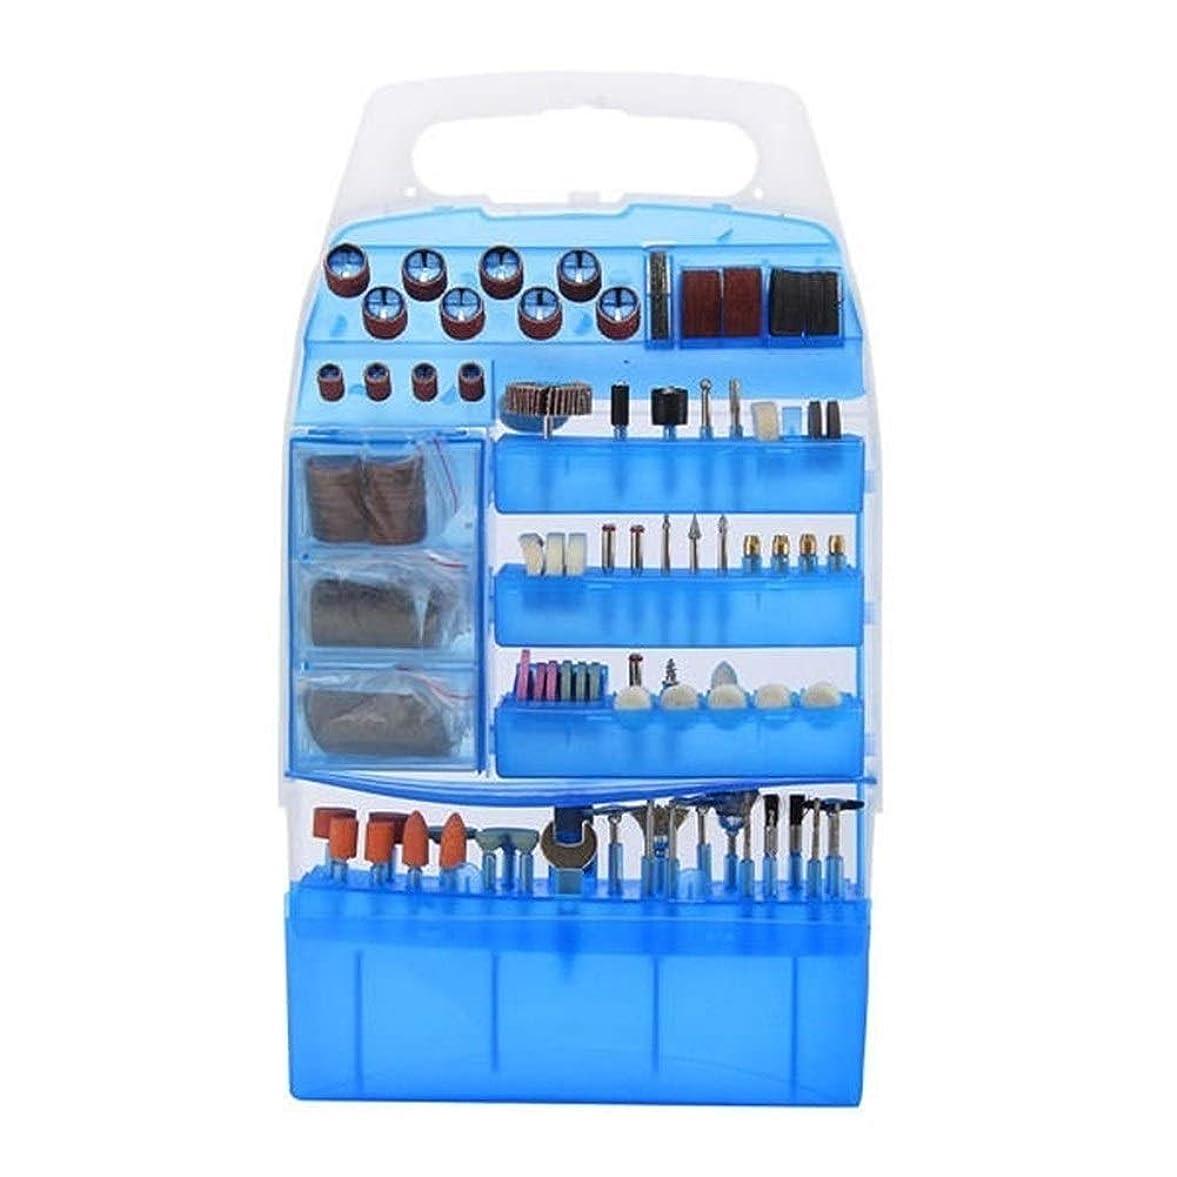 非互換気性女将HXC-HXC 工業用研磨剤400pcsアクセサリーセットロータリーパワーツールドリル 研磨工具